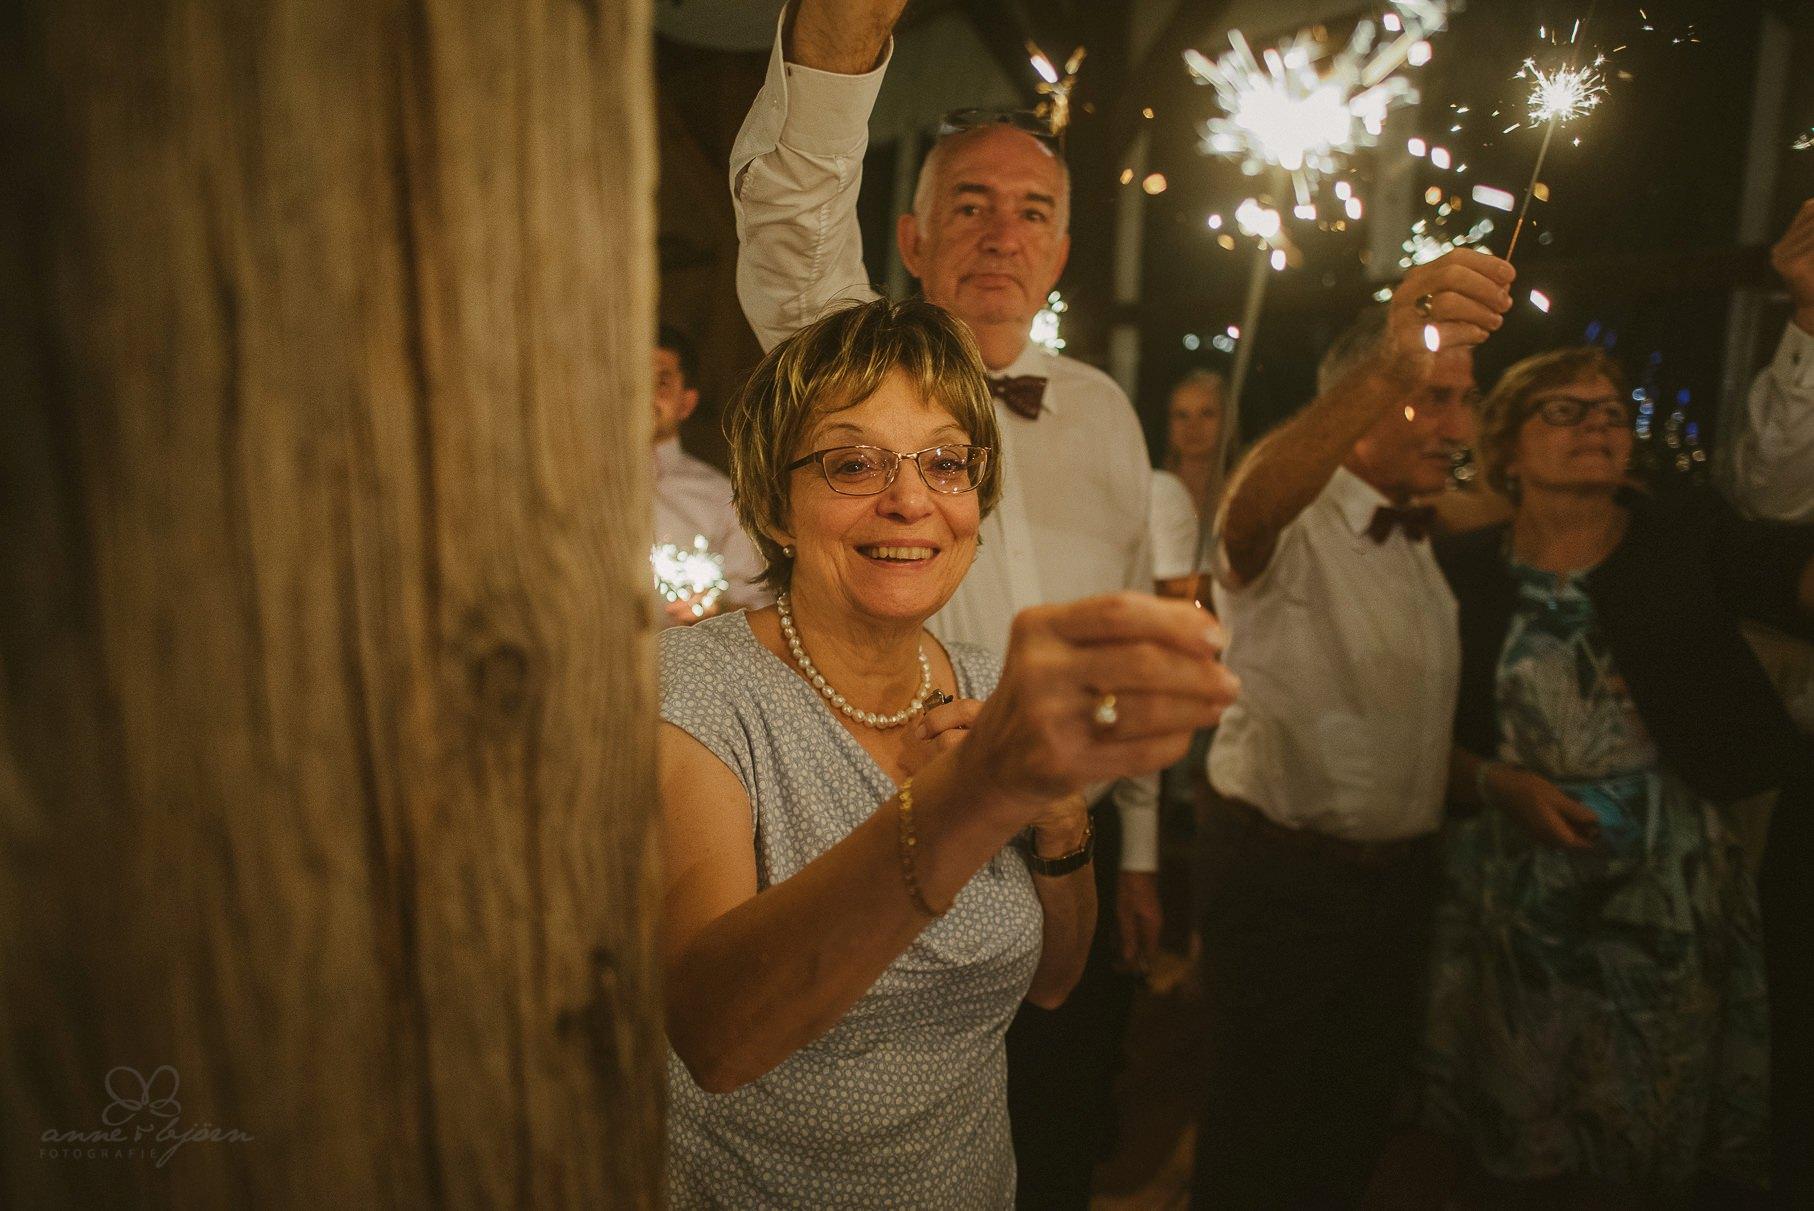 0148 anne und bjoern hochzeit schweiz d75 2569 - DIY Hochzeit in der Schweiz - Sabrina & Christoph